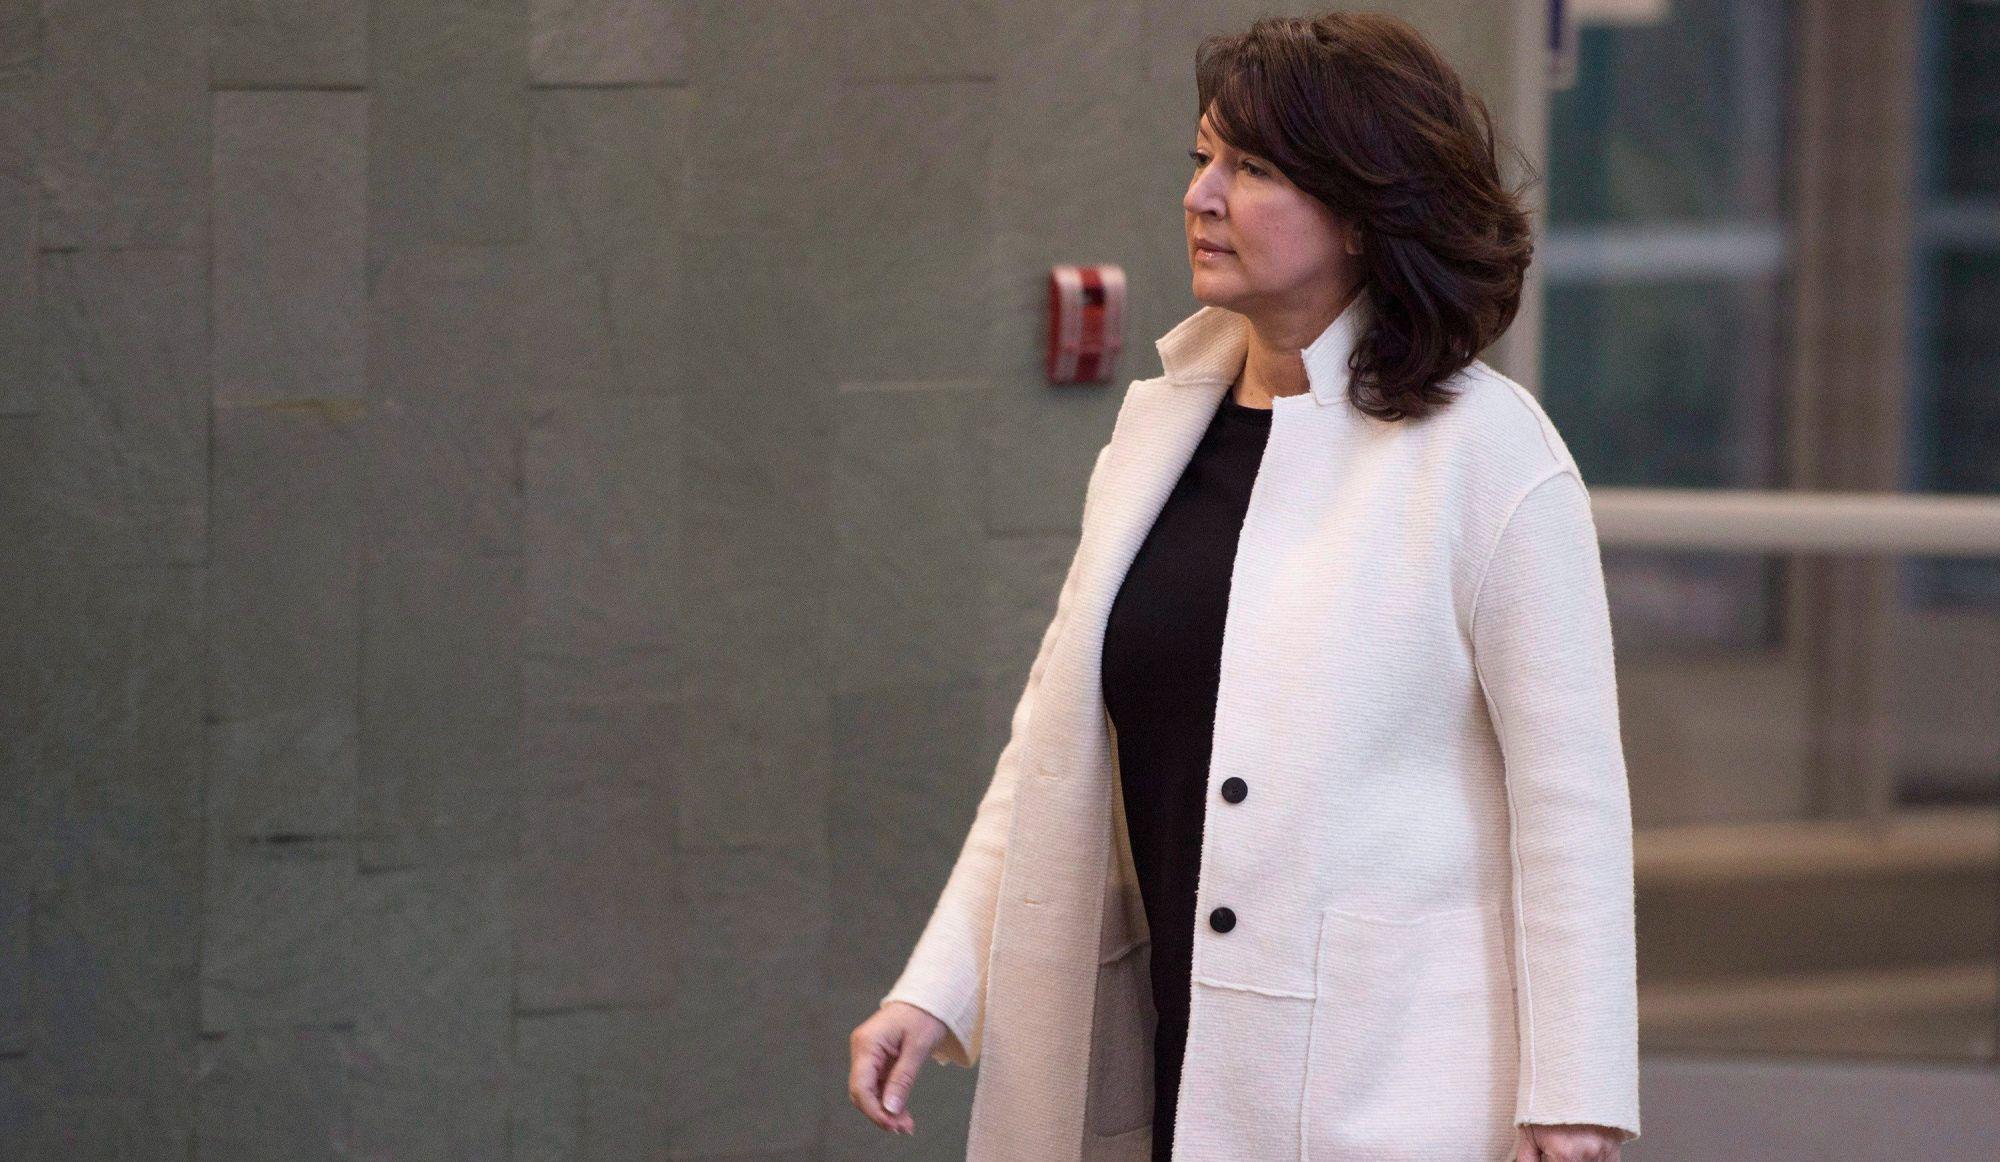 Procès: Nathalie Normandeau demande l'arrêt des procédures